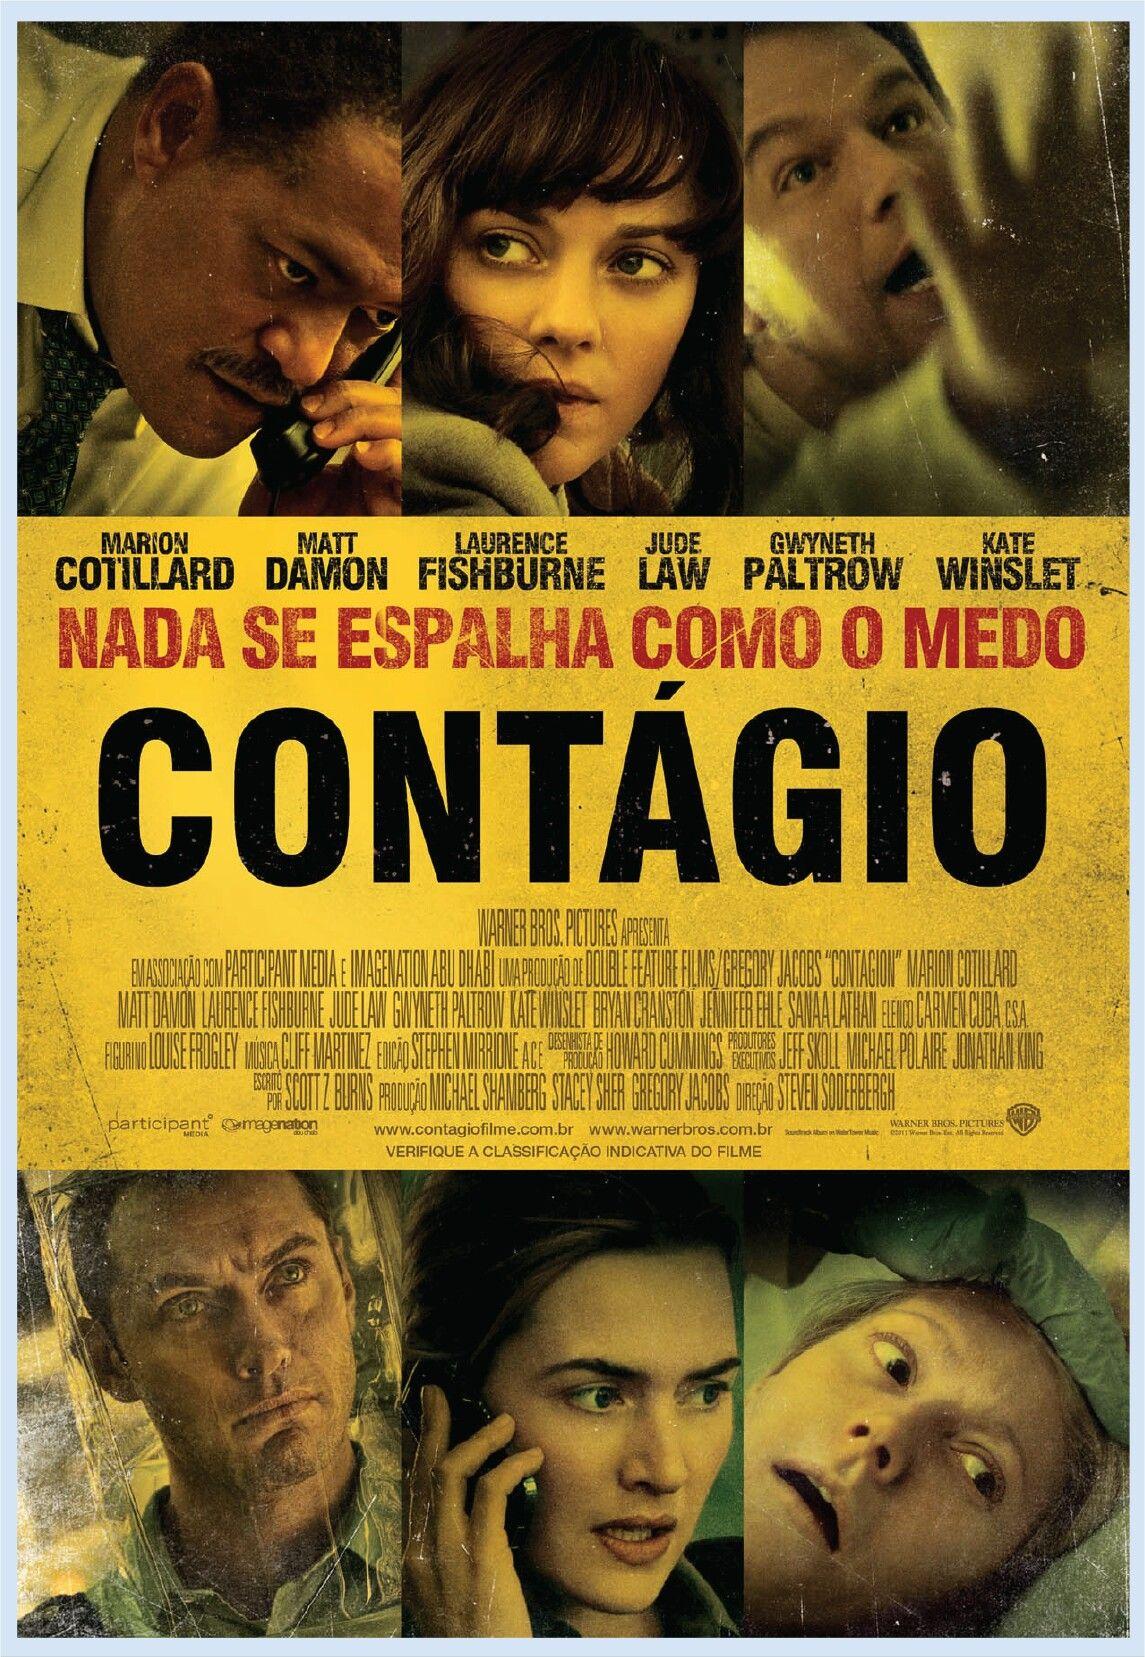 Contagio Filmes Apocalipticos Baixar Filmes Filmes Gratuitos